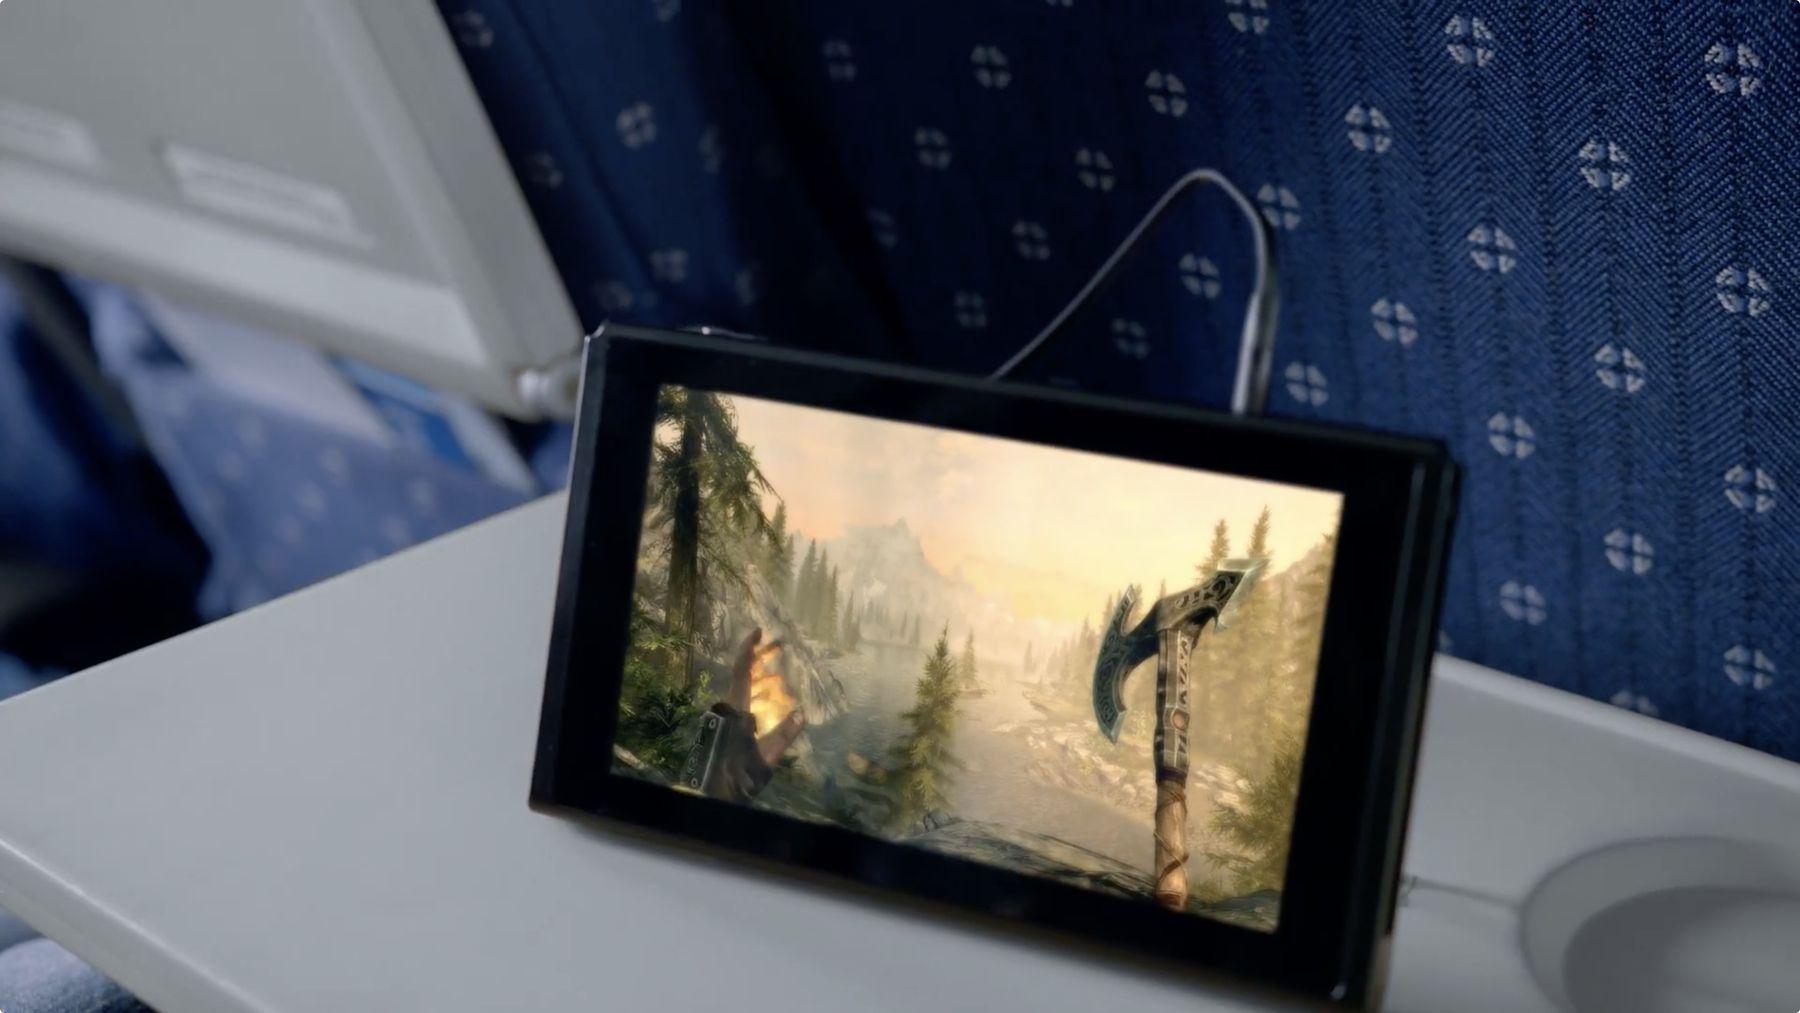 Le même jeu que sur votre téléviseur, mais sur un petit écran